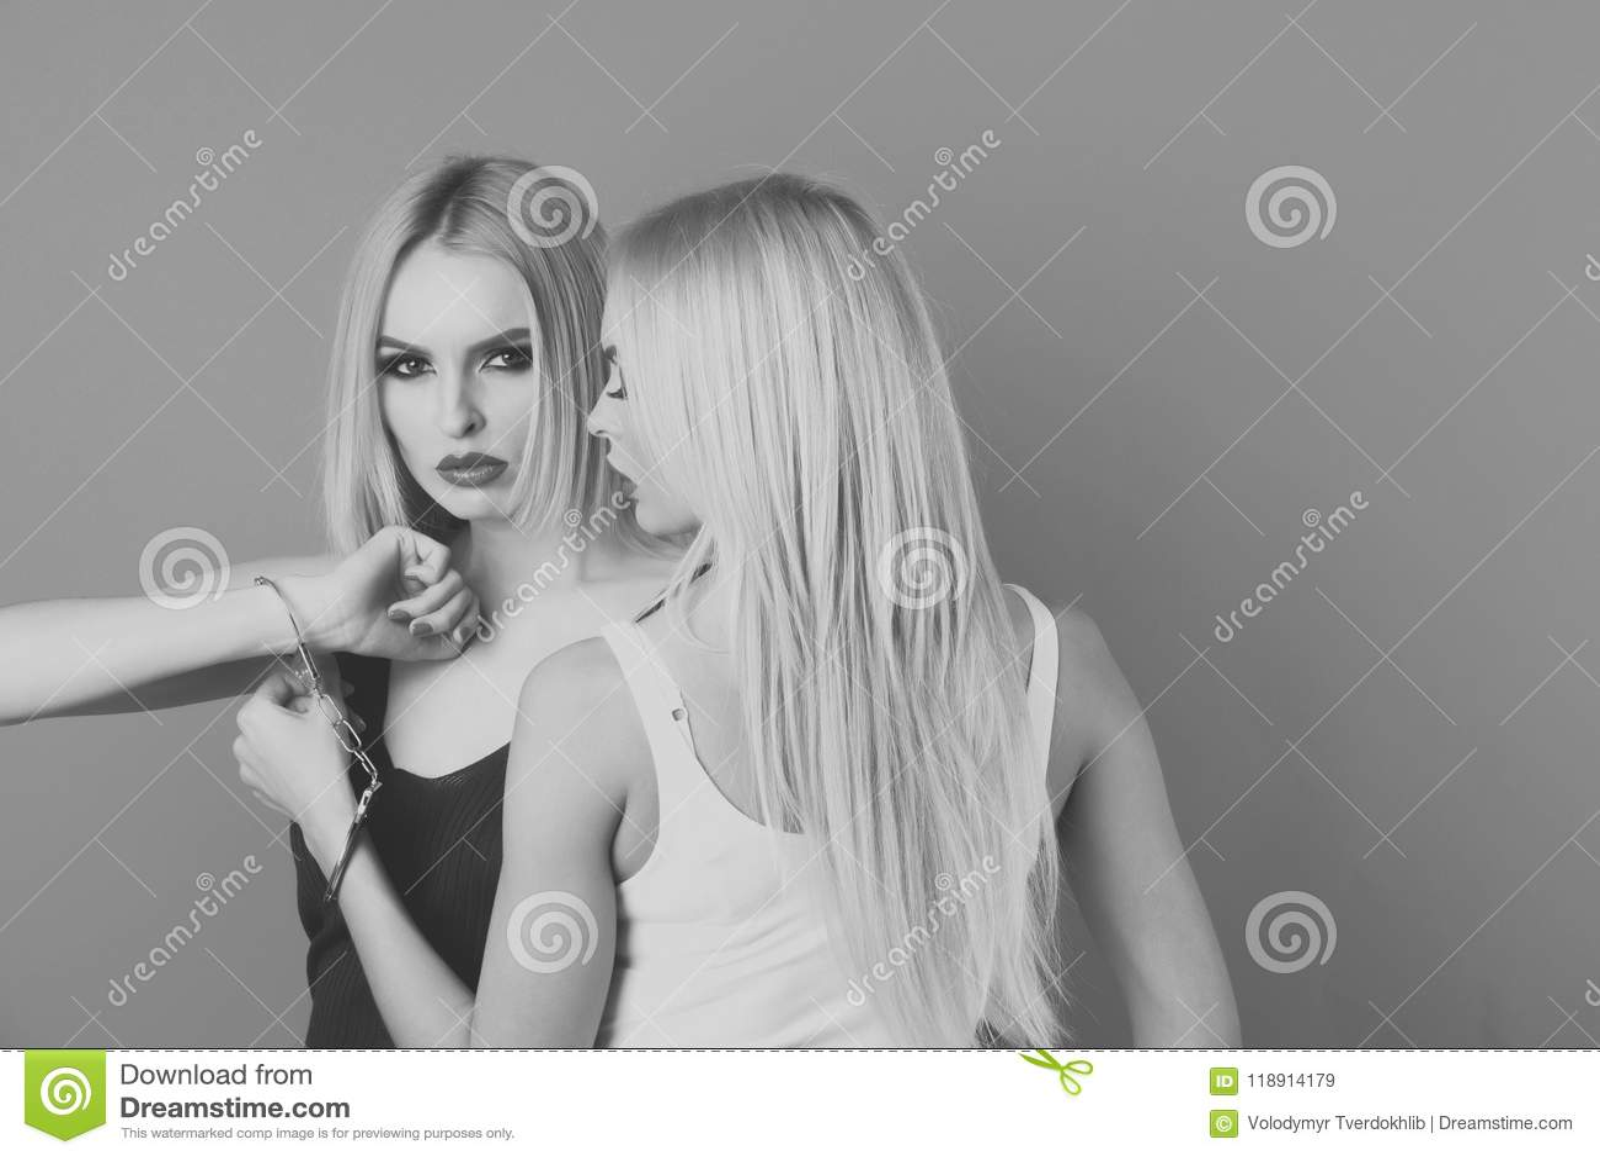 Single blonde women